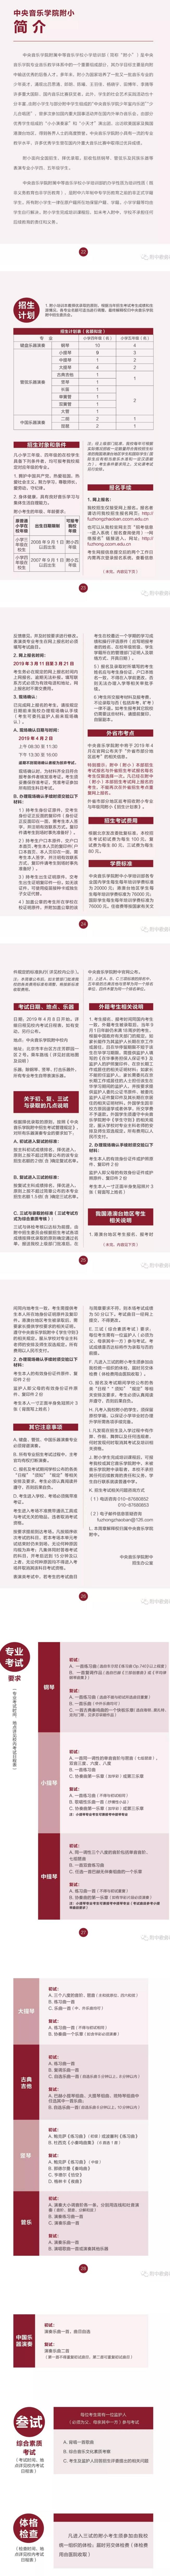 【中央音乐学院附小】2019年招生简章一览